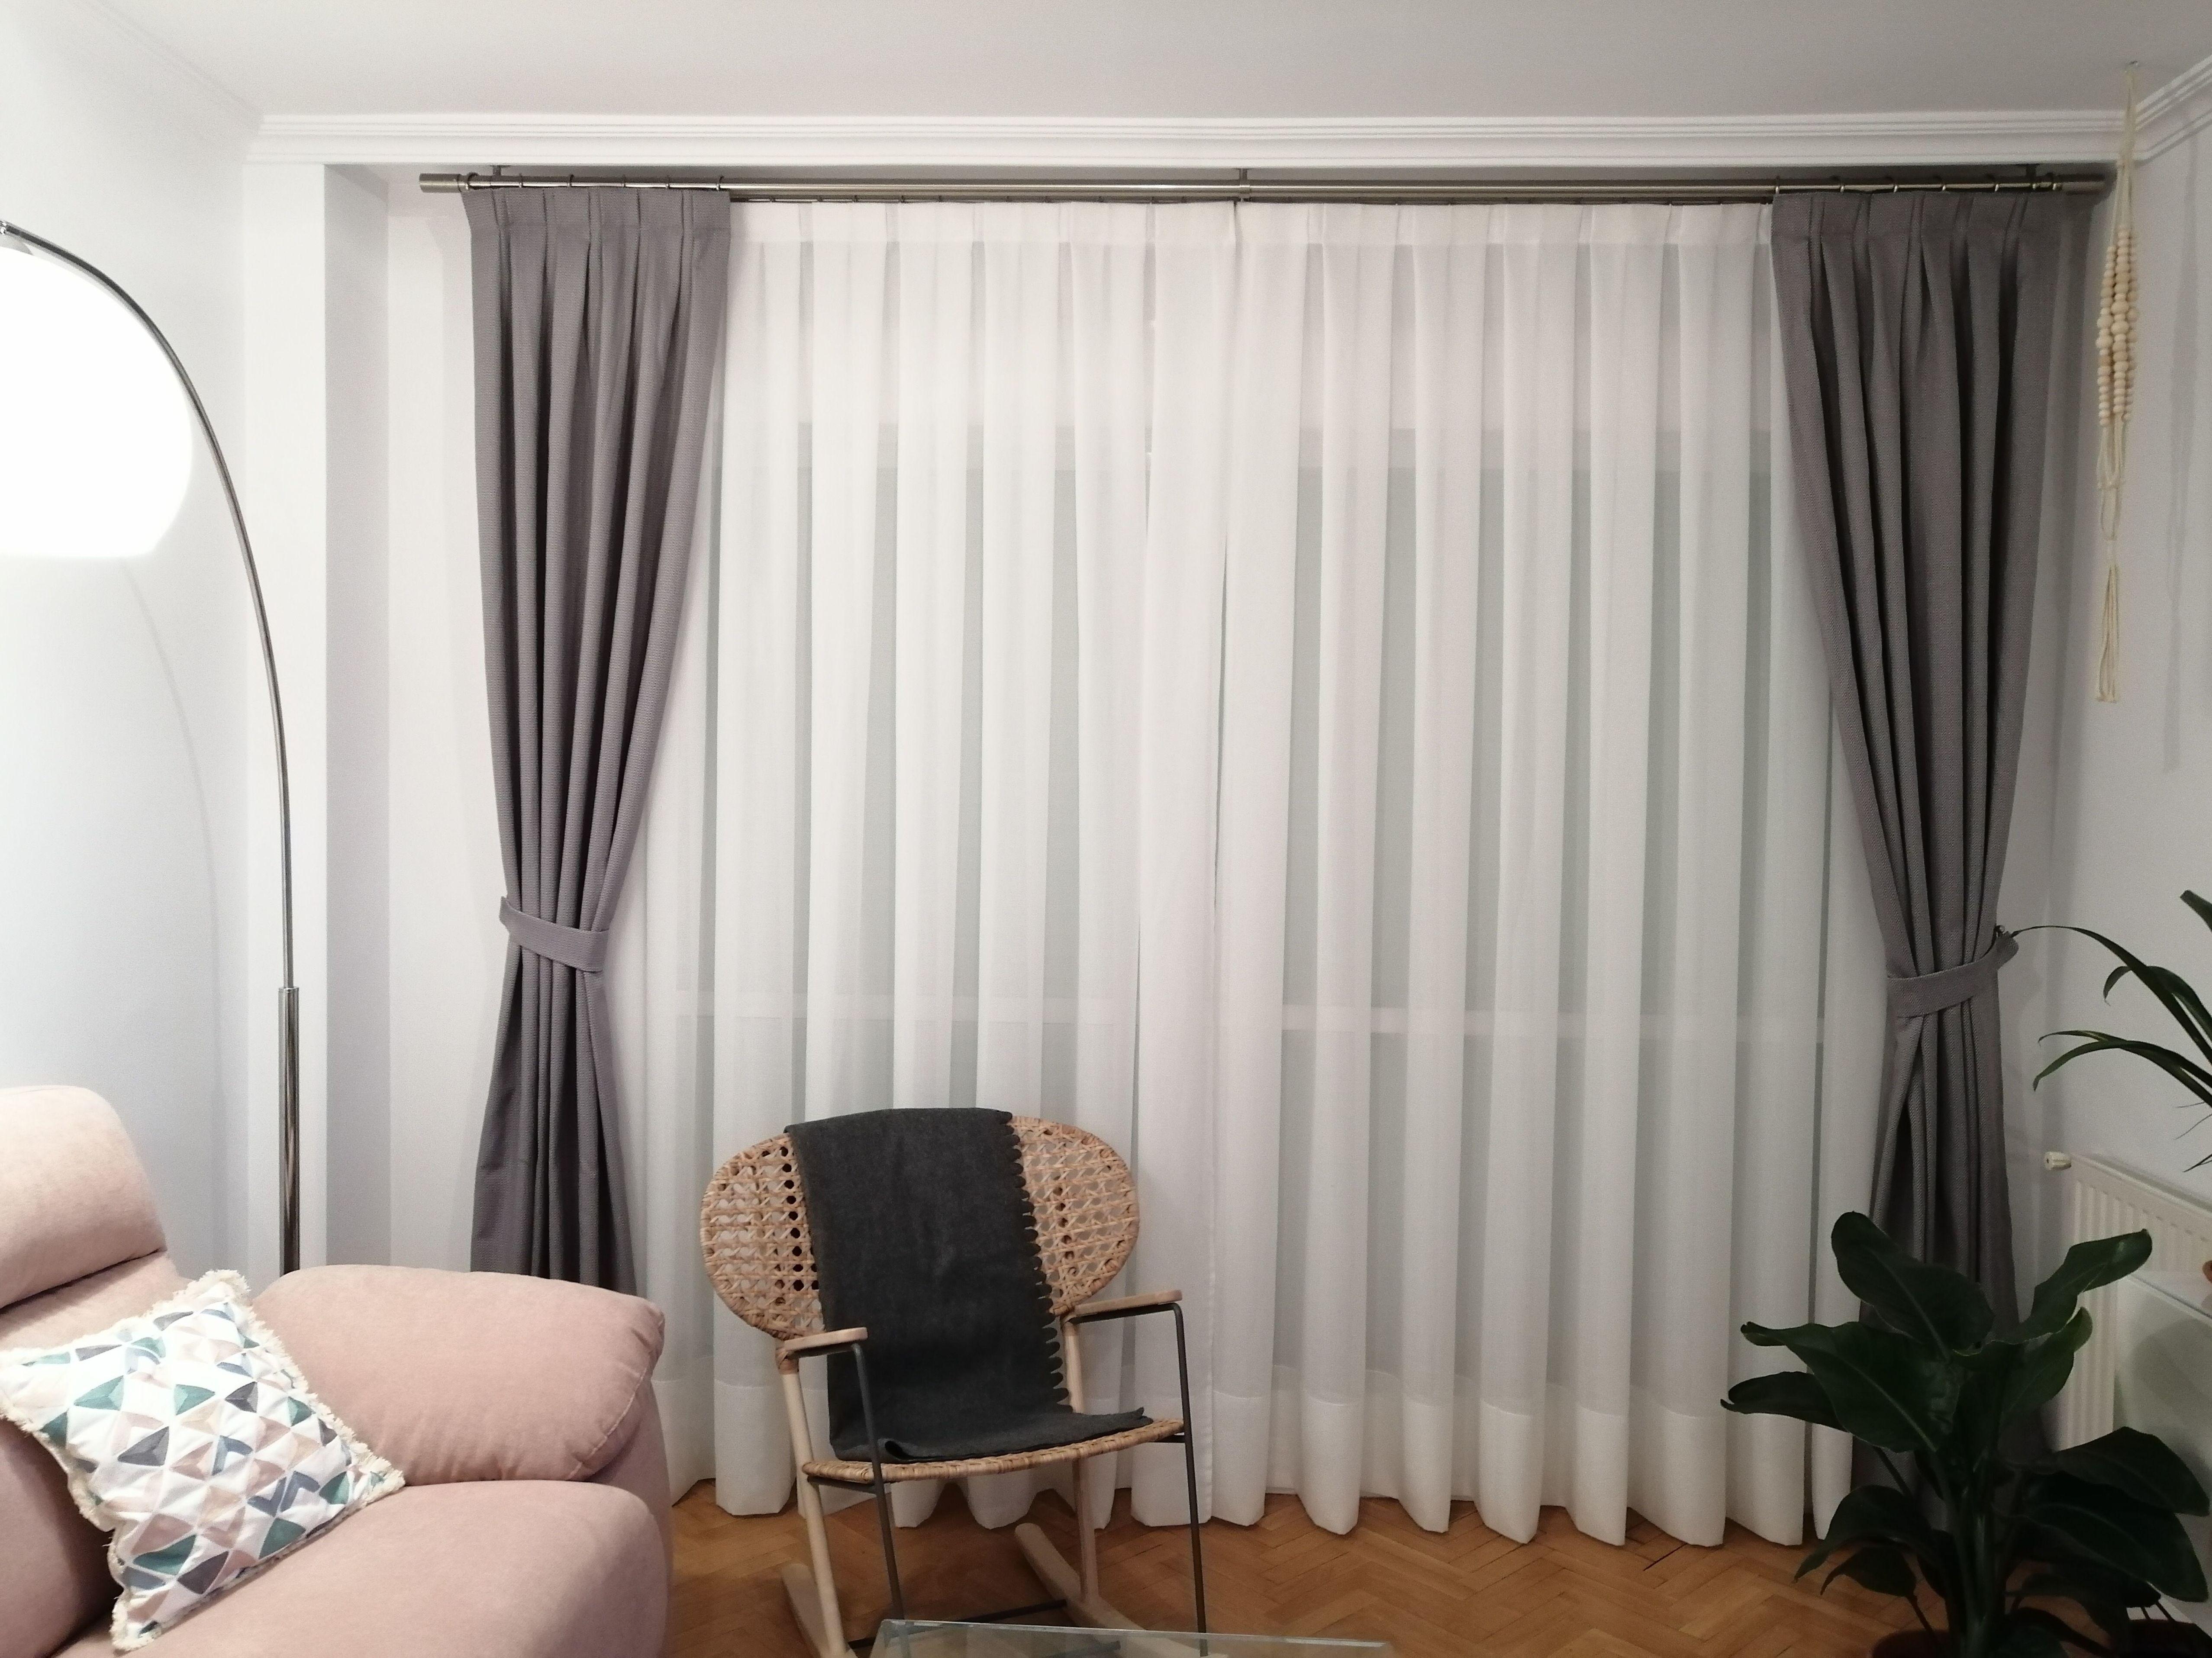 Foto 12 de Venta e instalación de cortinas en  | Feymar